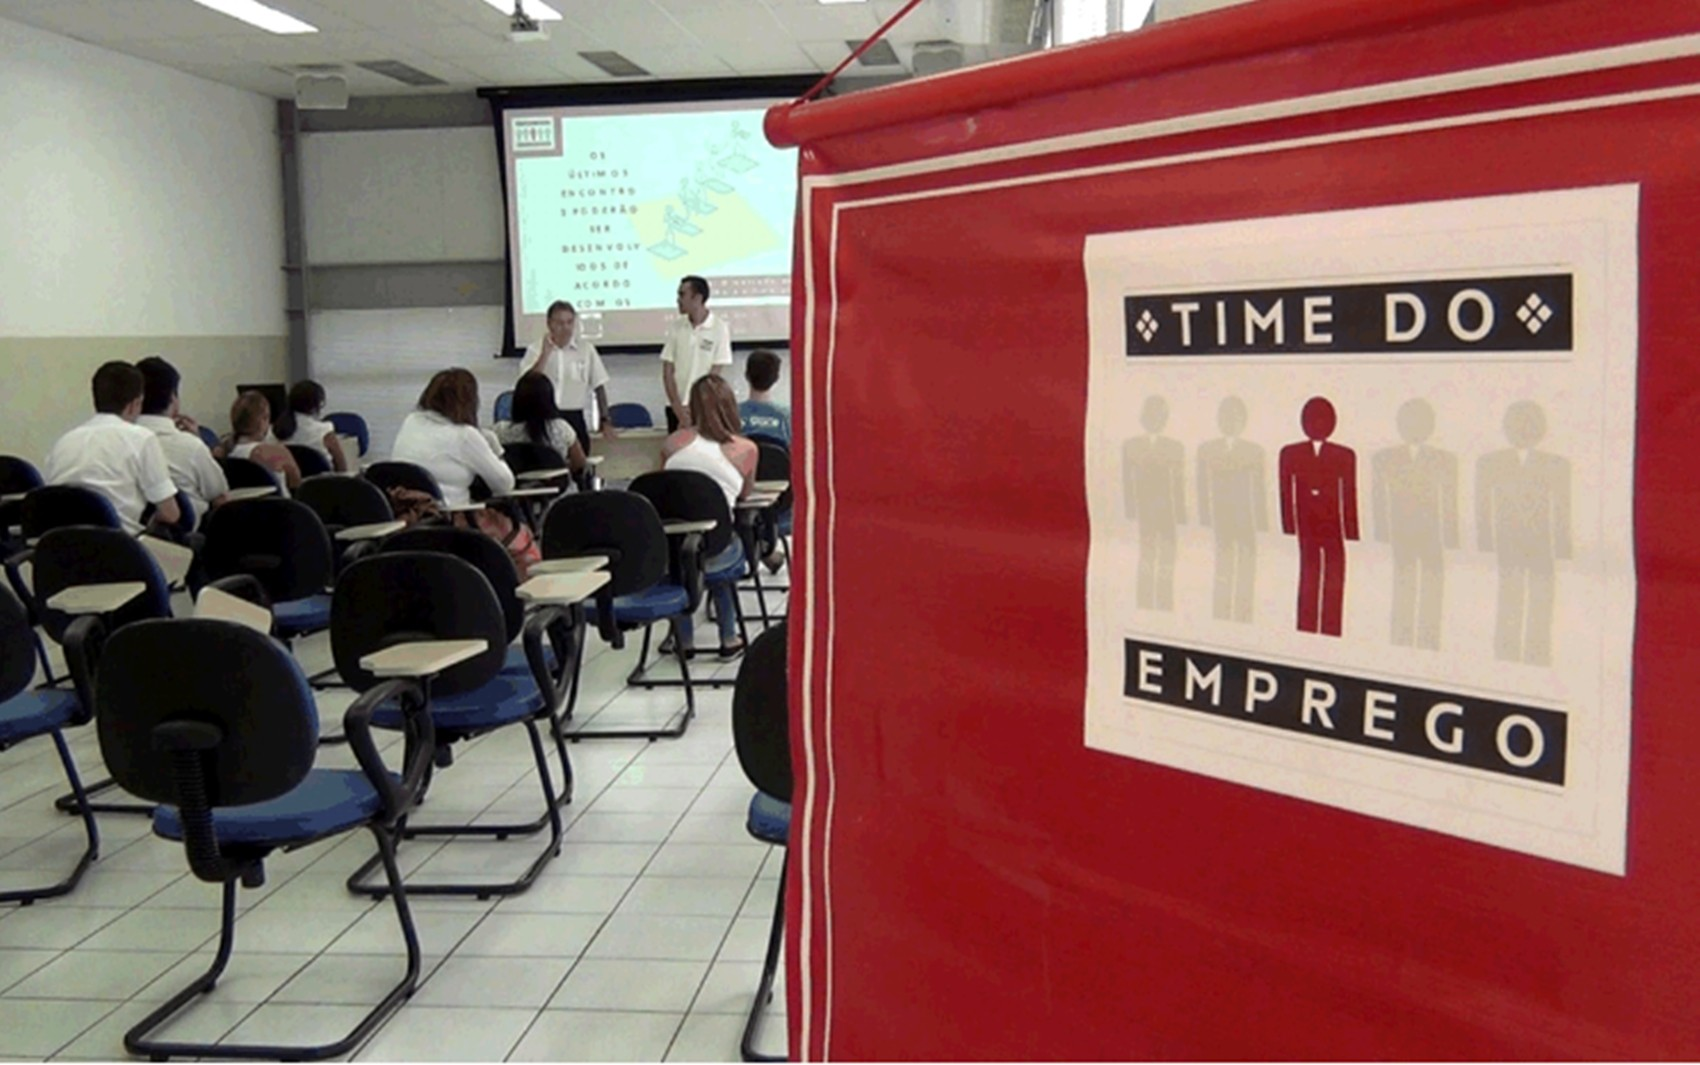 Prefeitura de Bauru abre inscrições para nova turma do Time do Emprego